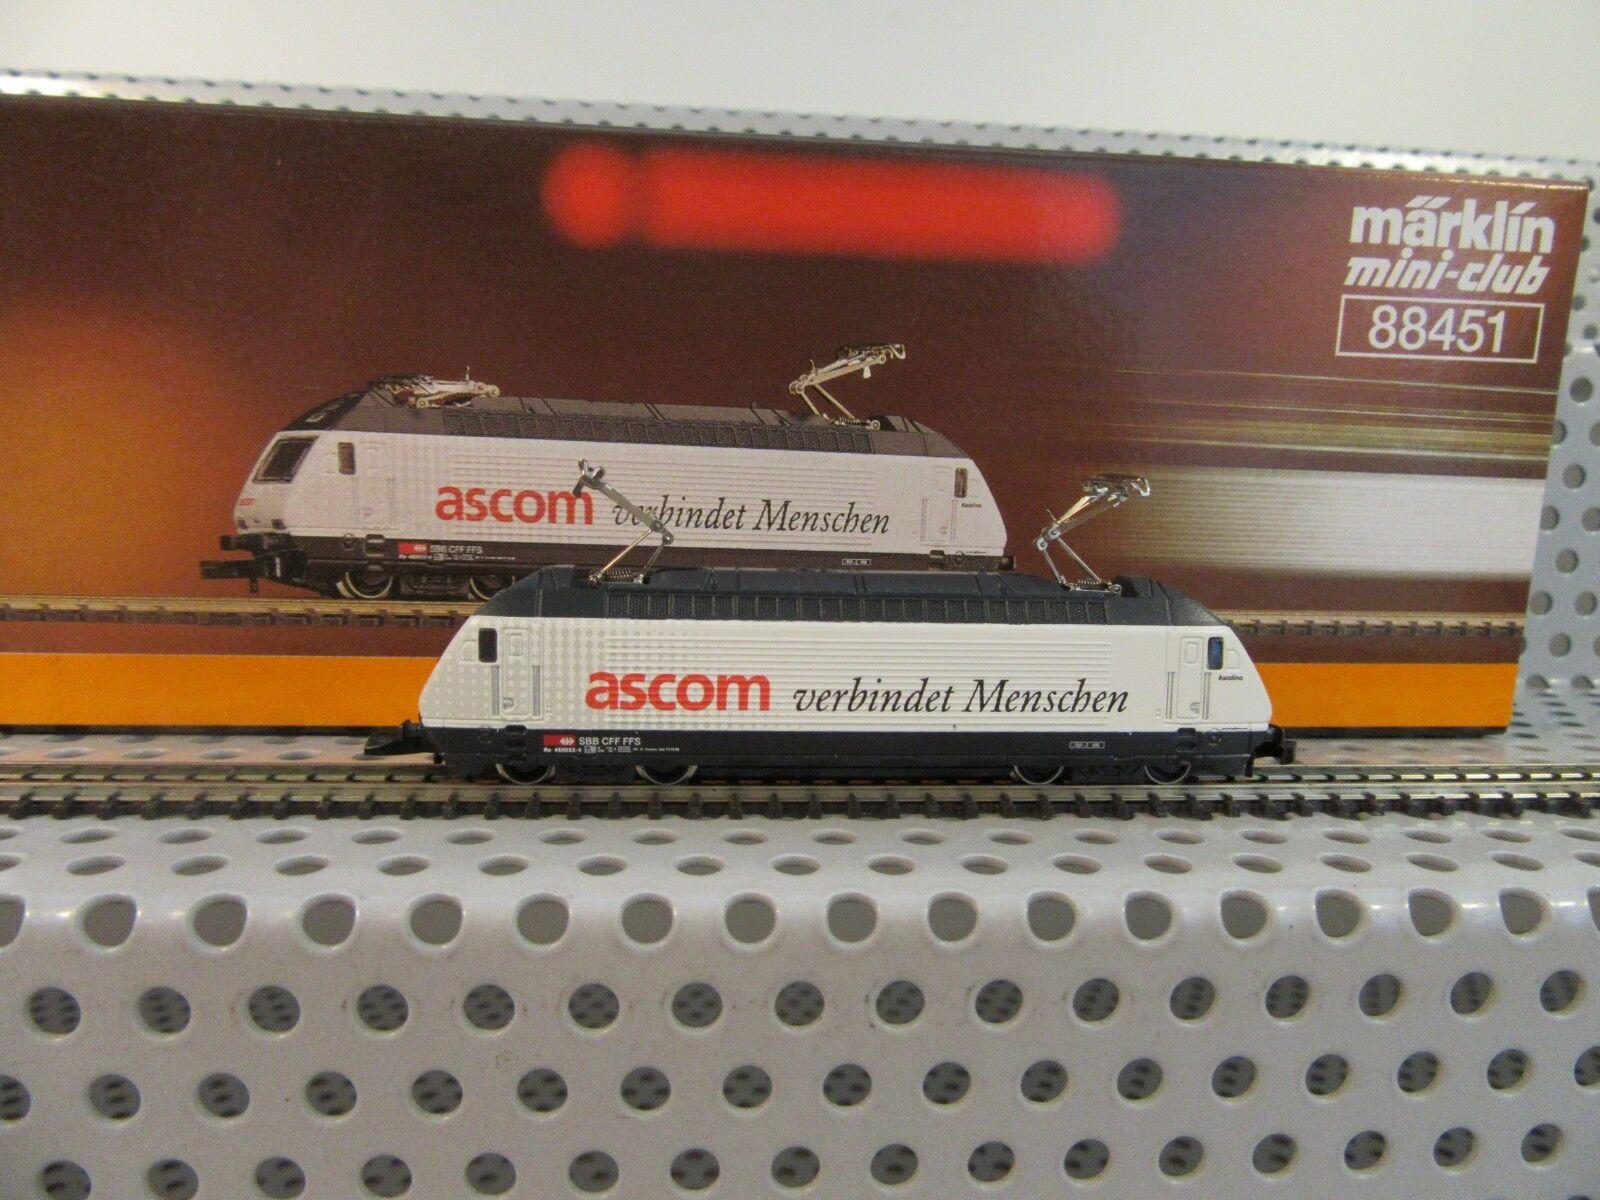 Traccia Z 88451 E-Lok elettrici Lok re 460 033-4 delle SBB  Ascom  analogico OVP